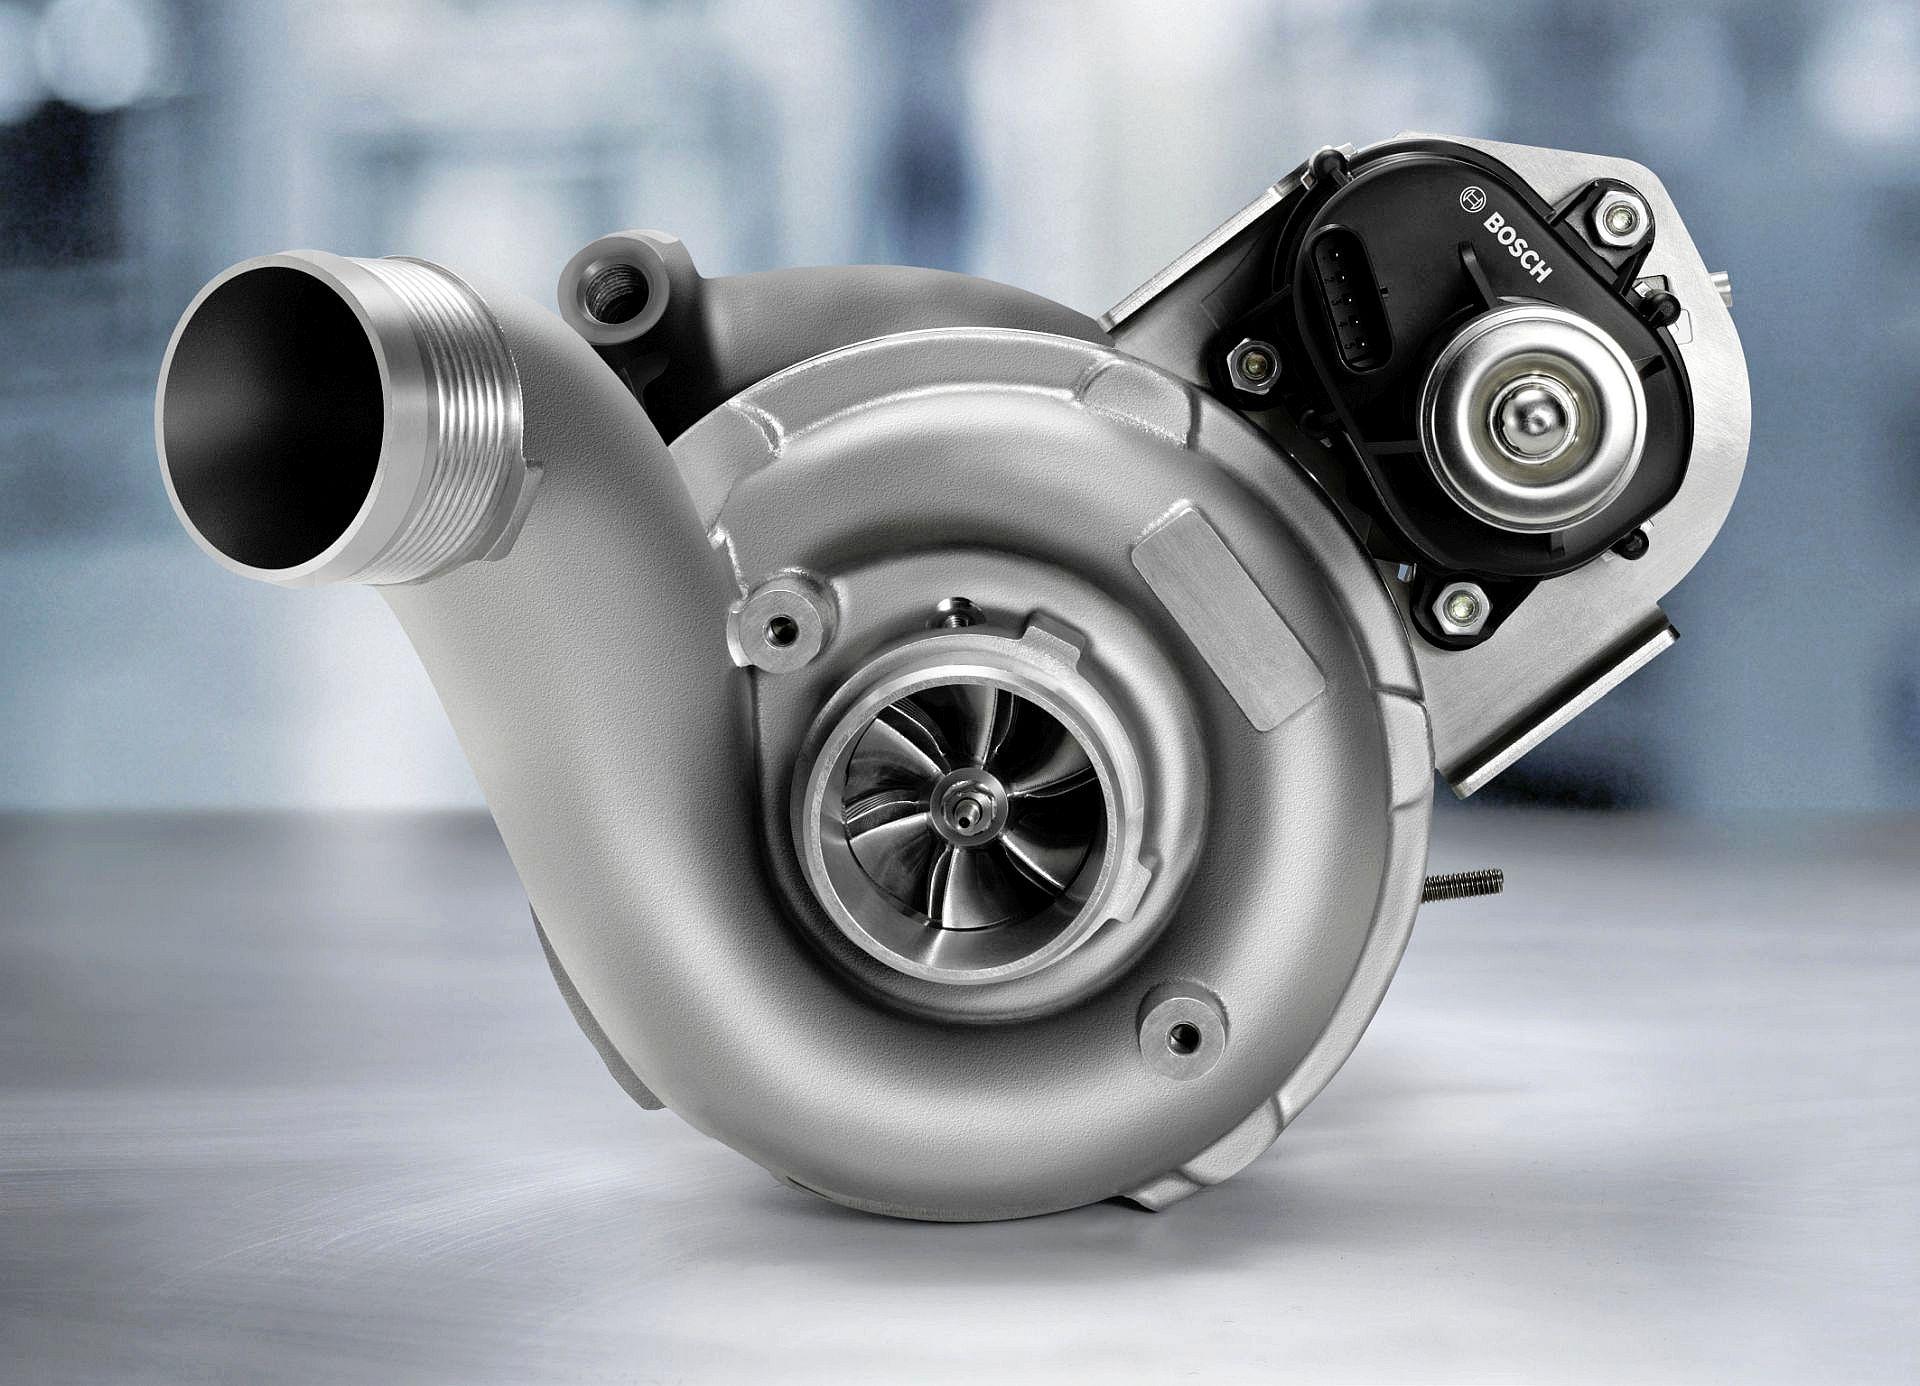 Silnik wolnossący czy turbo?